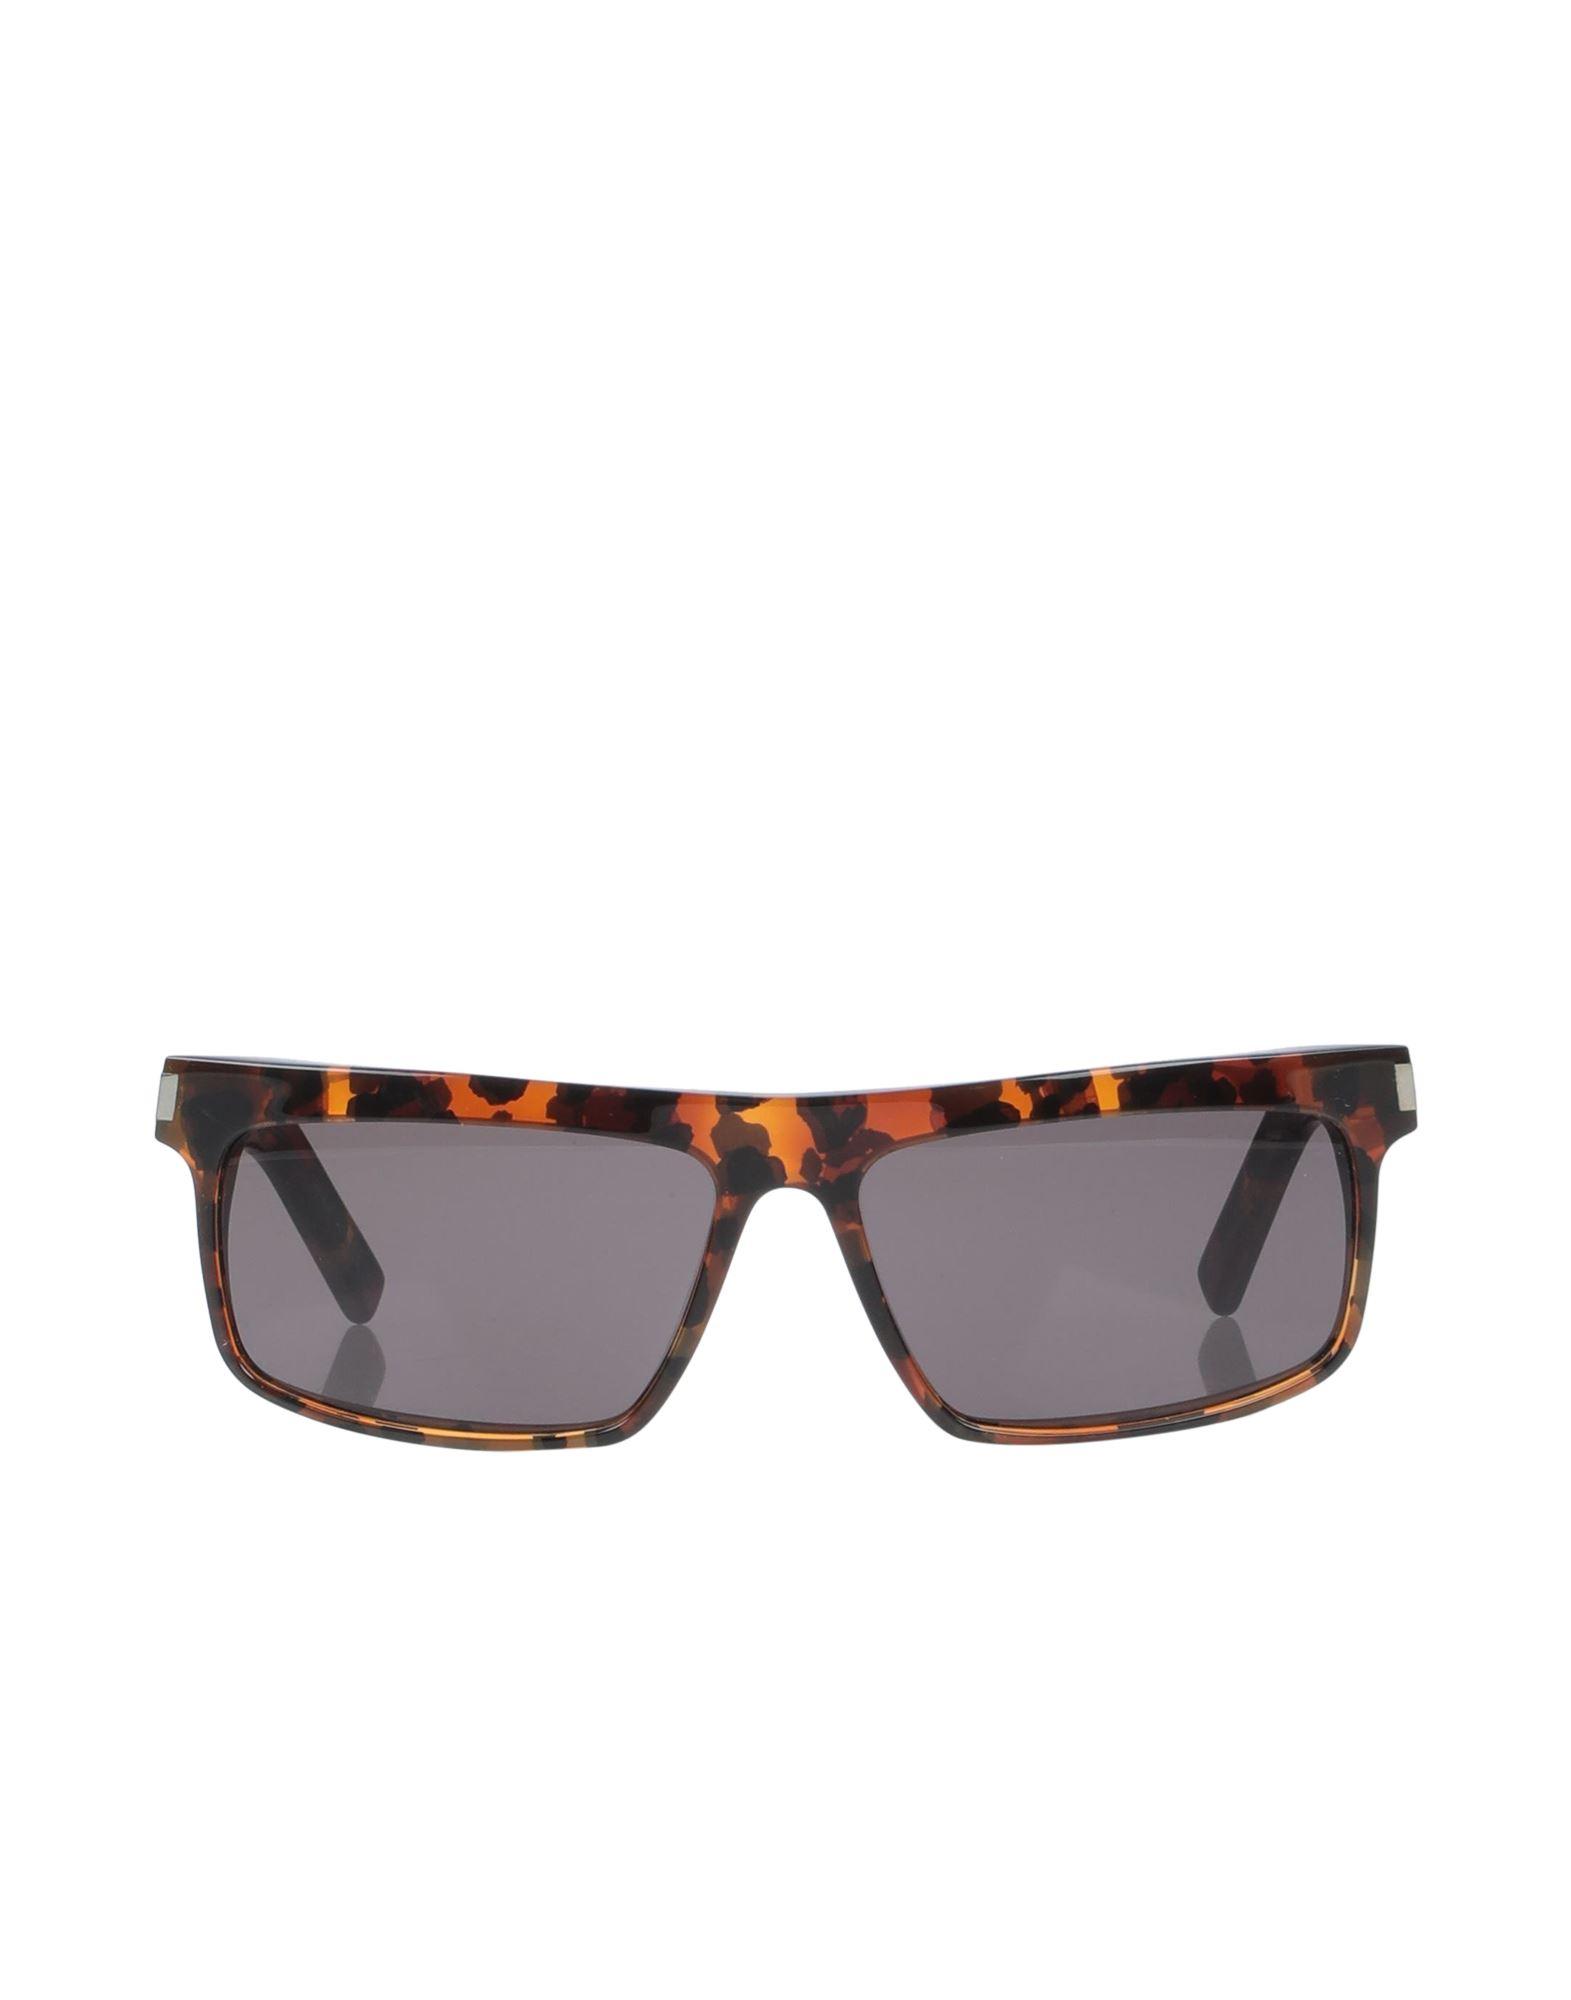 SAINT LAURENT Sunglasses - Item 46735618